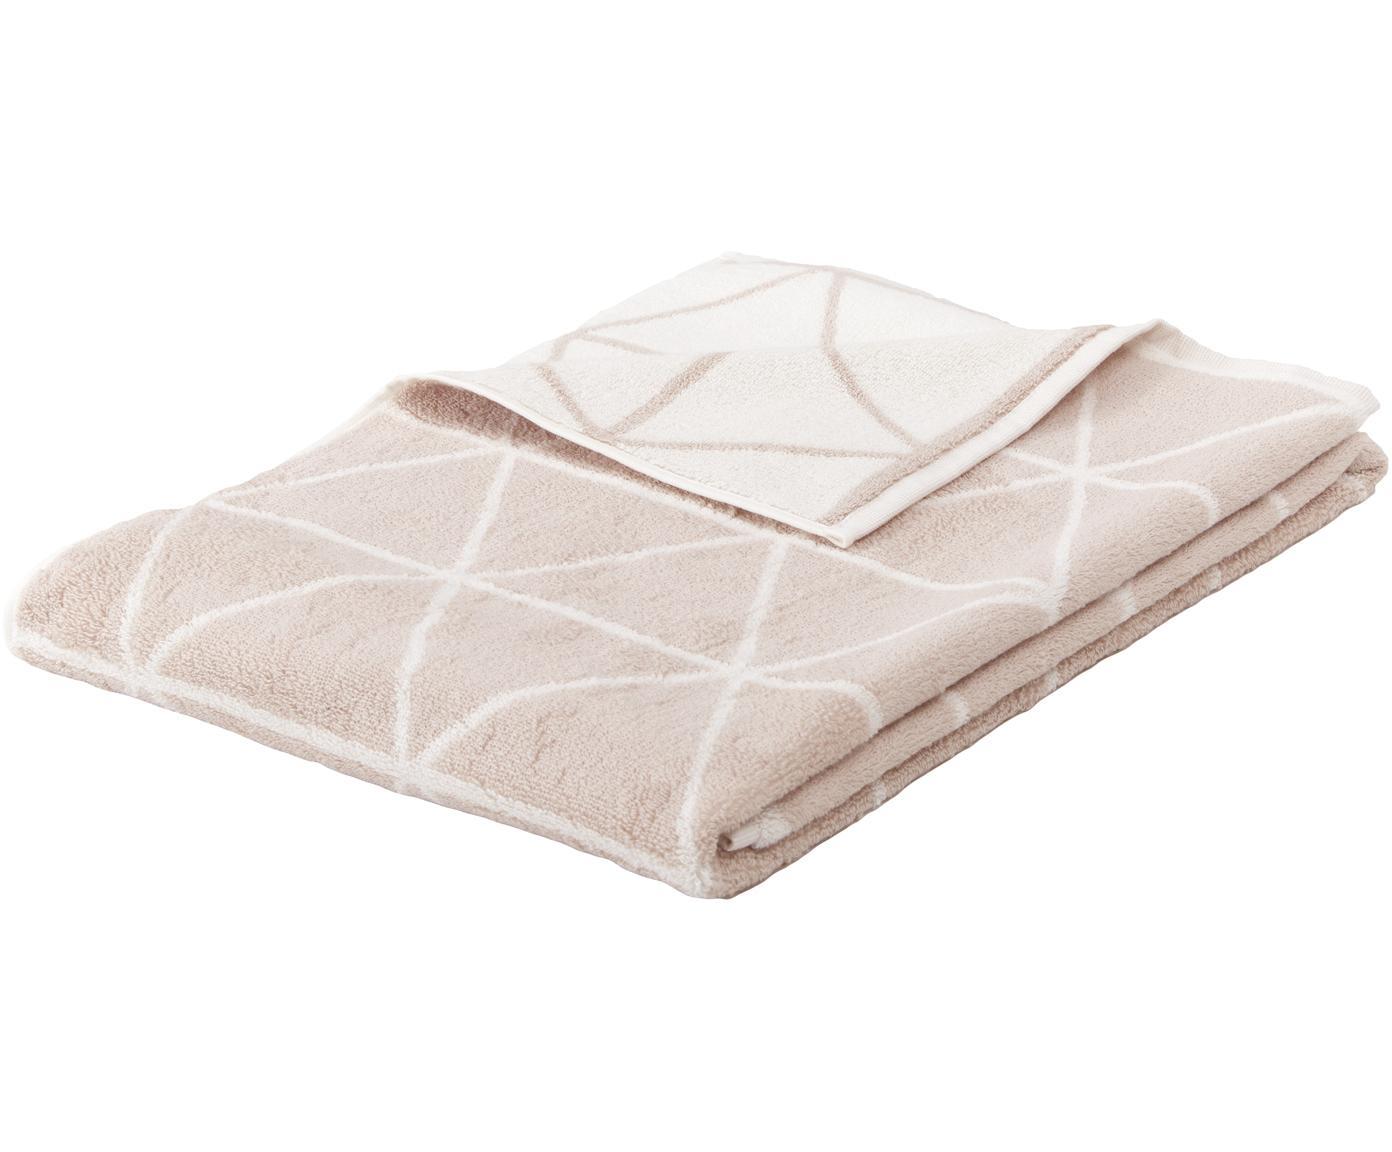 Wende-Handtuch Elina mit grafischem Muster, Sandfarben, Cremeweiß, Handtuch